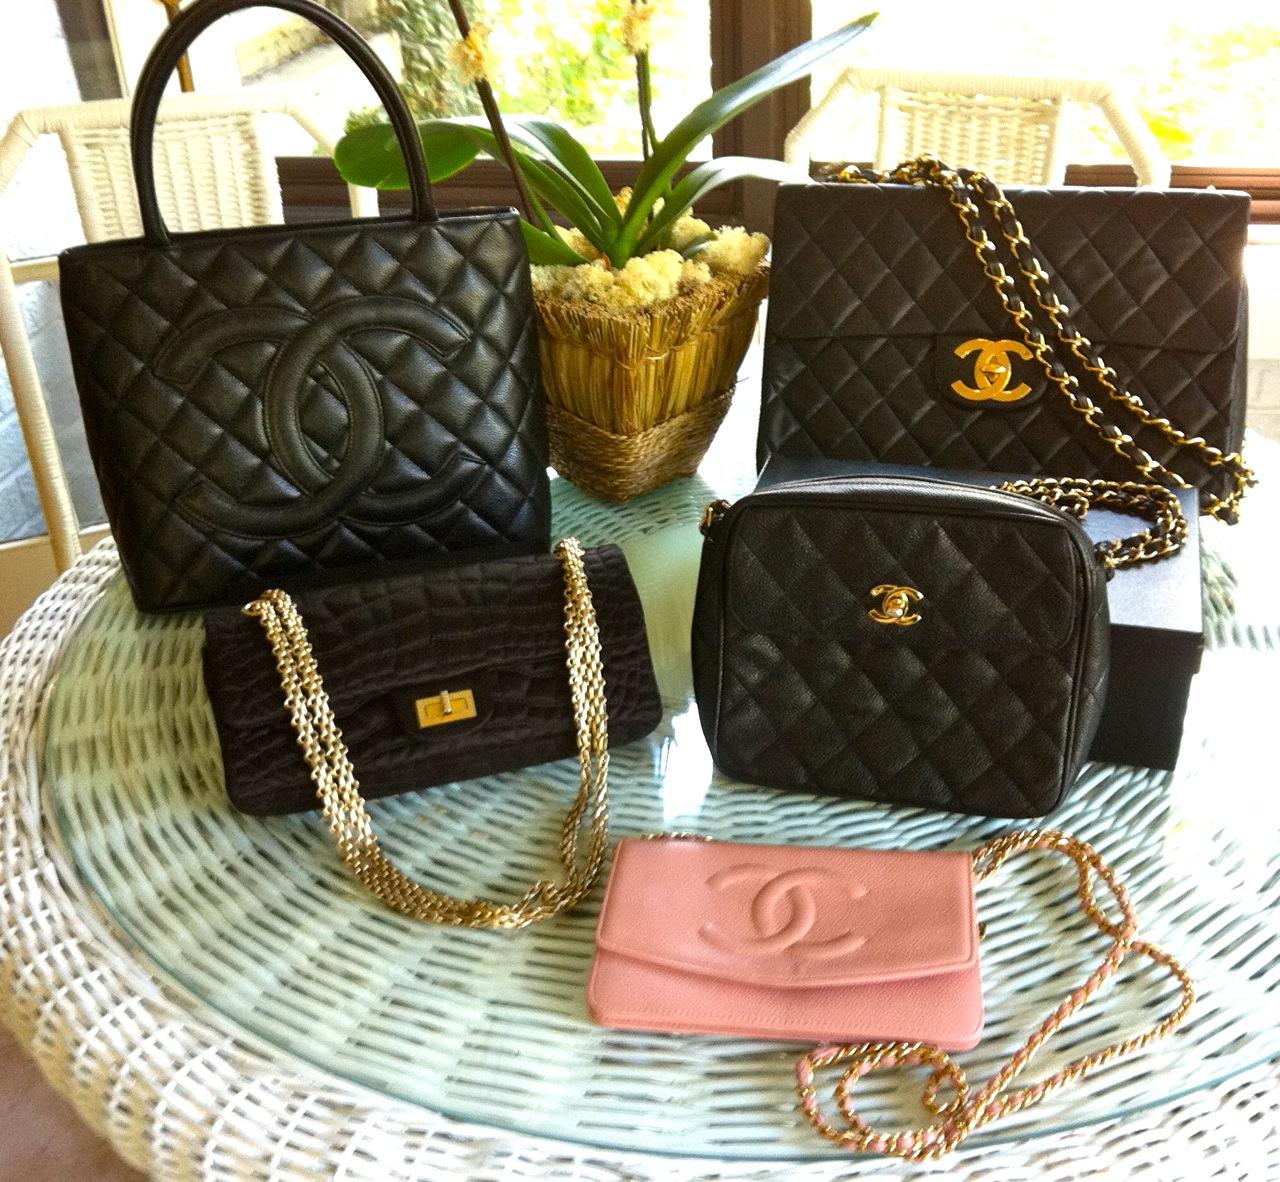 http://1.bp.blogspot.com/-s3quiAumVCk/Tl-jisZNz4I/AAAAAAAADMo/B6evwFy_bTc/s1600/beauty-boomer-Chanel-family-reunion-eBay-bags.jpg